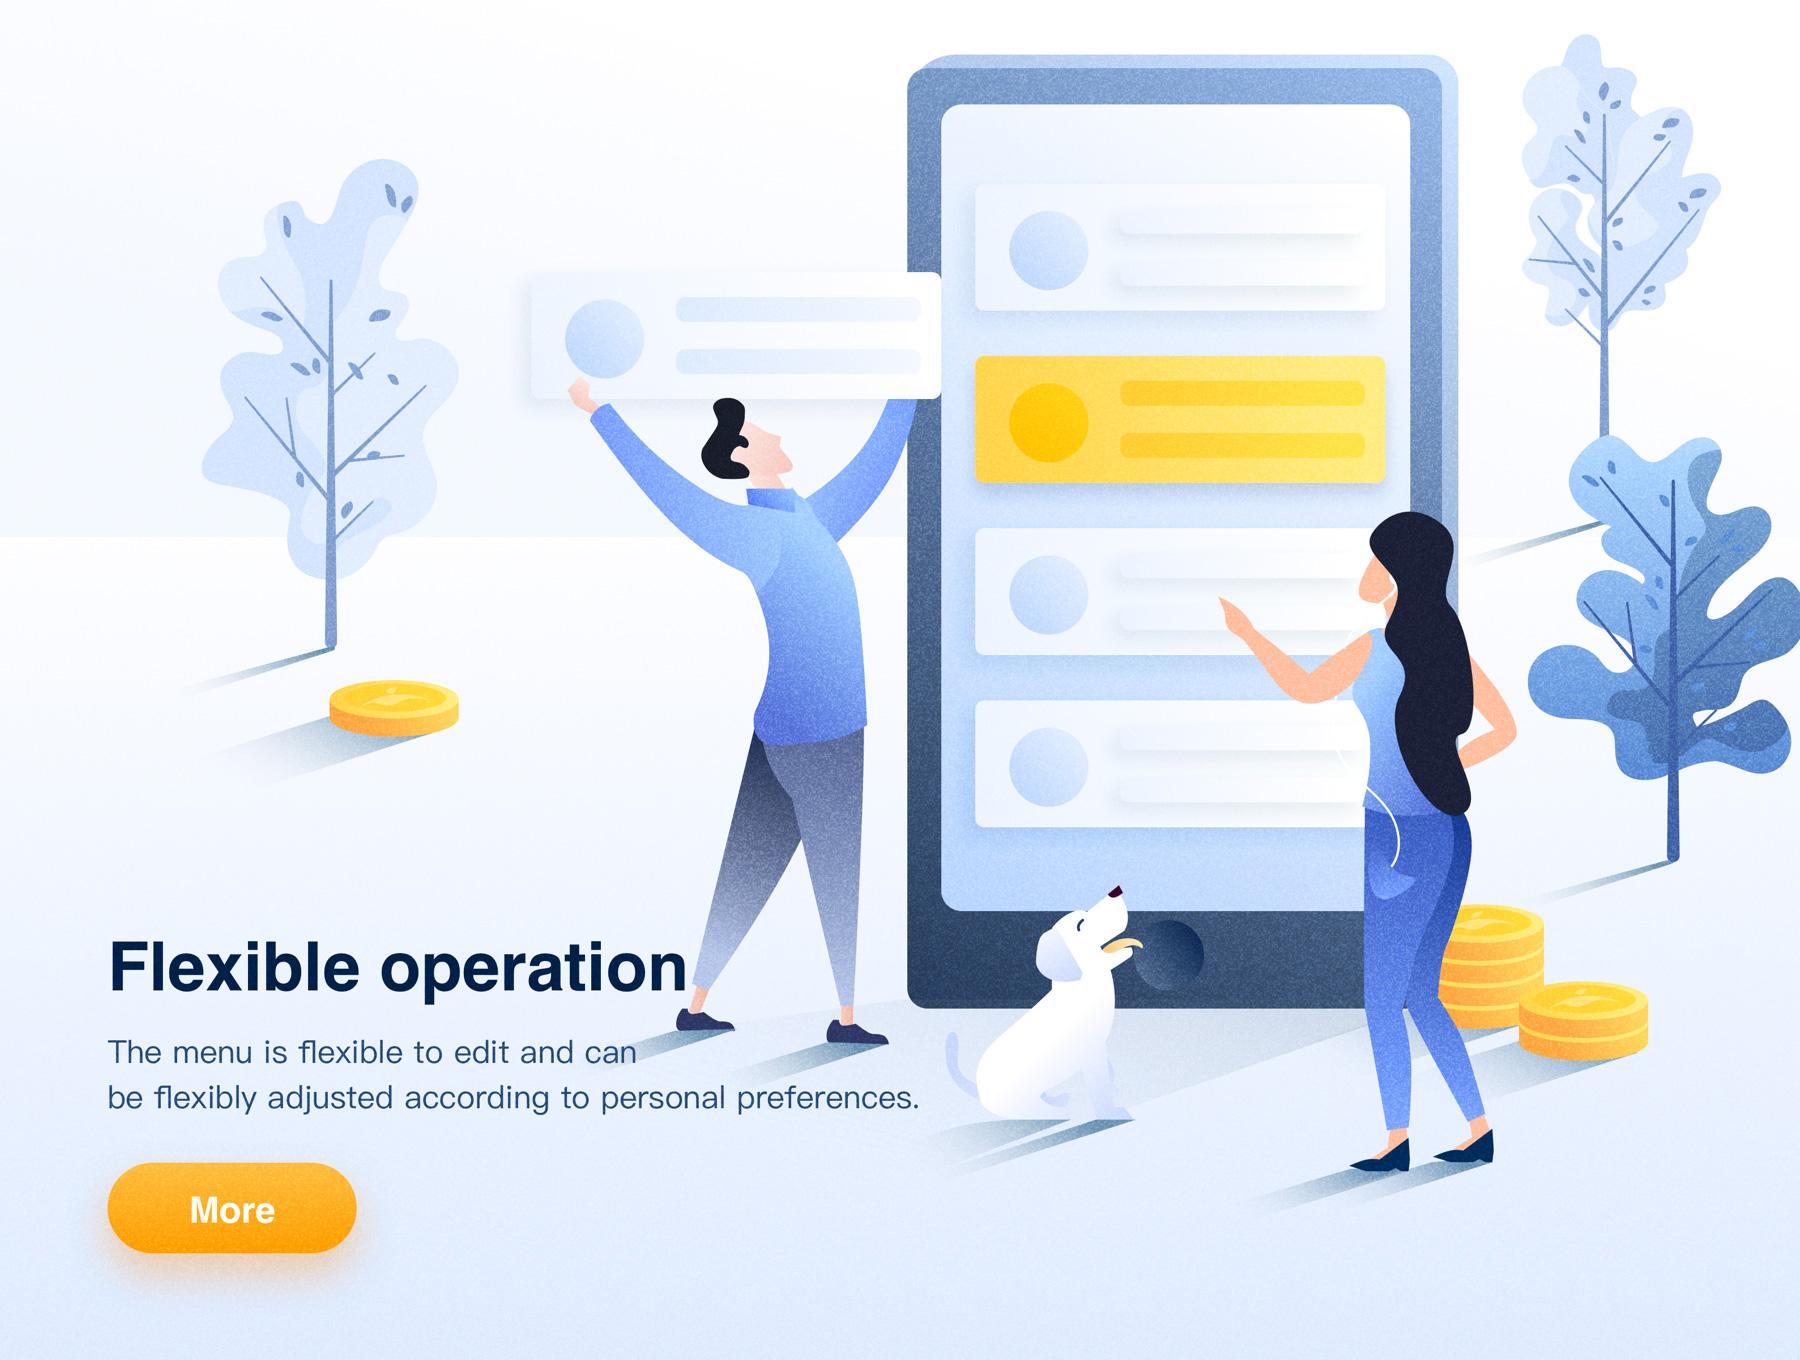 矢量插图卡通人物概念插图 web端噪点手绘APP空状态设计Business Concept Illustrations(1)